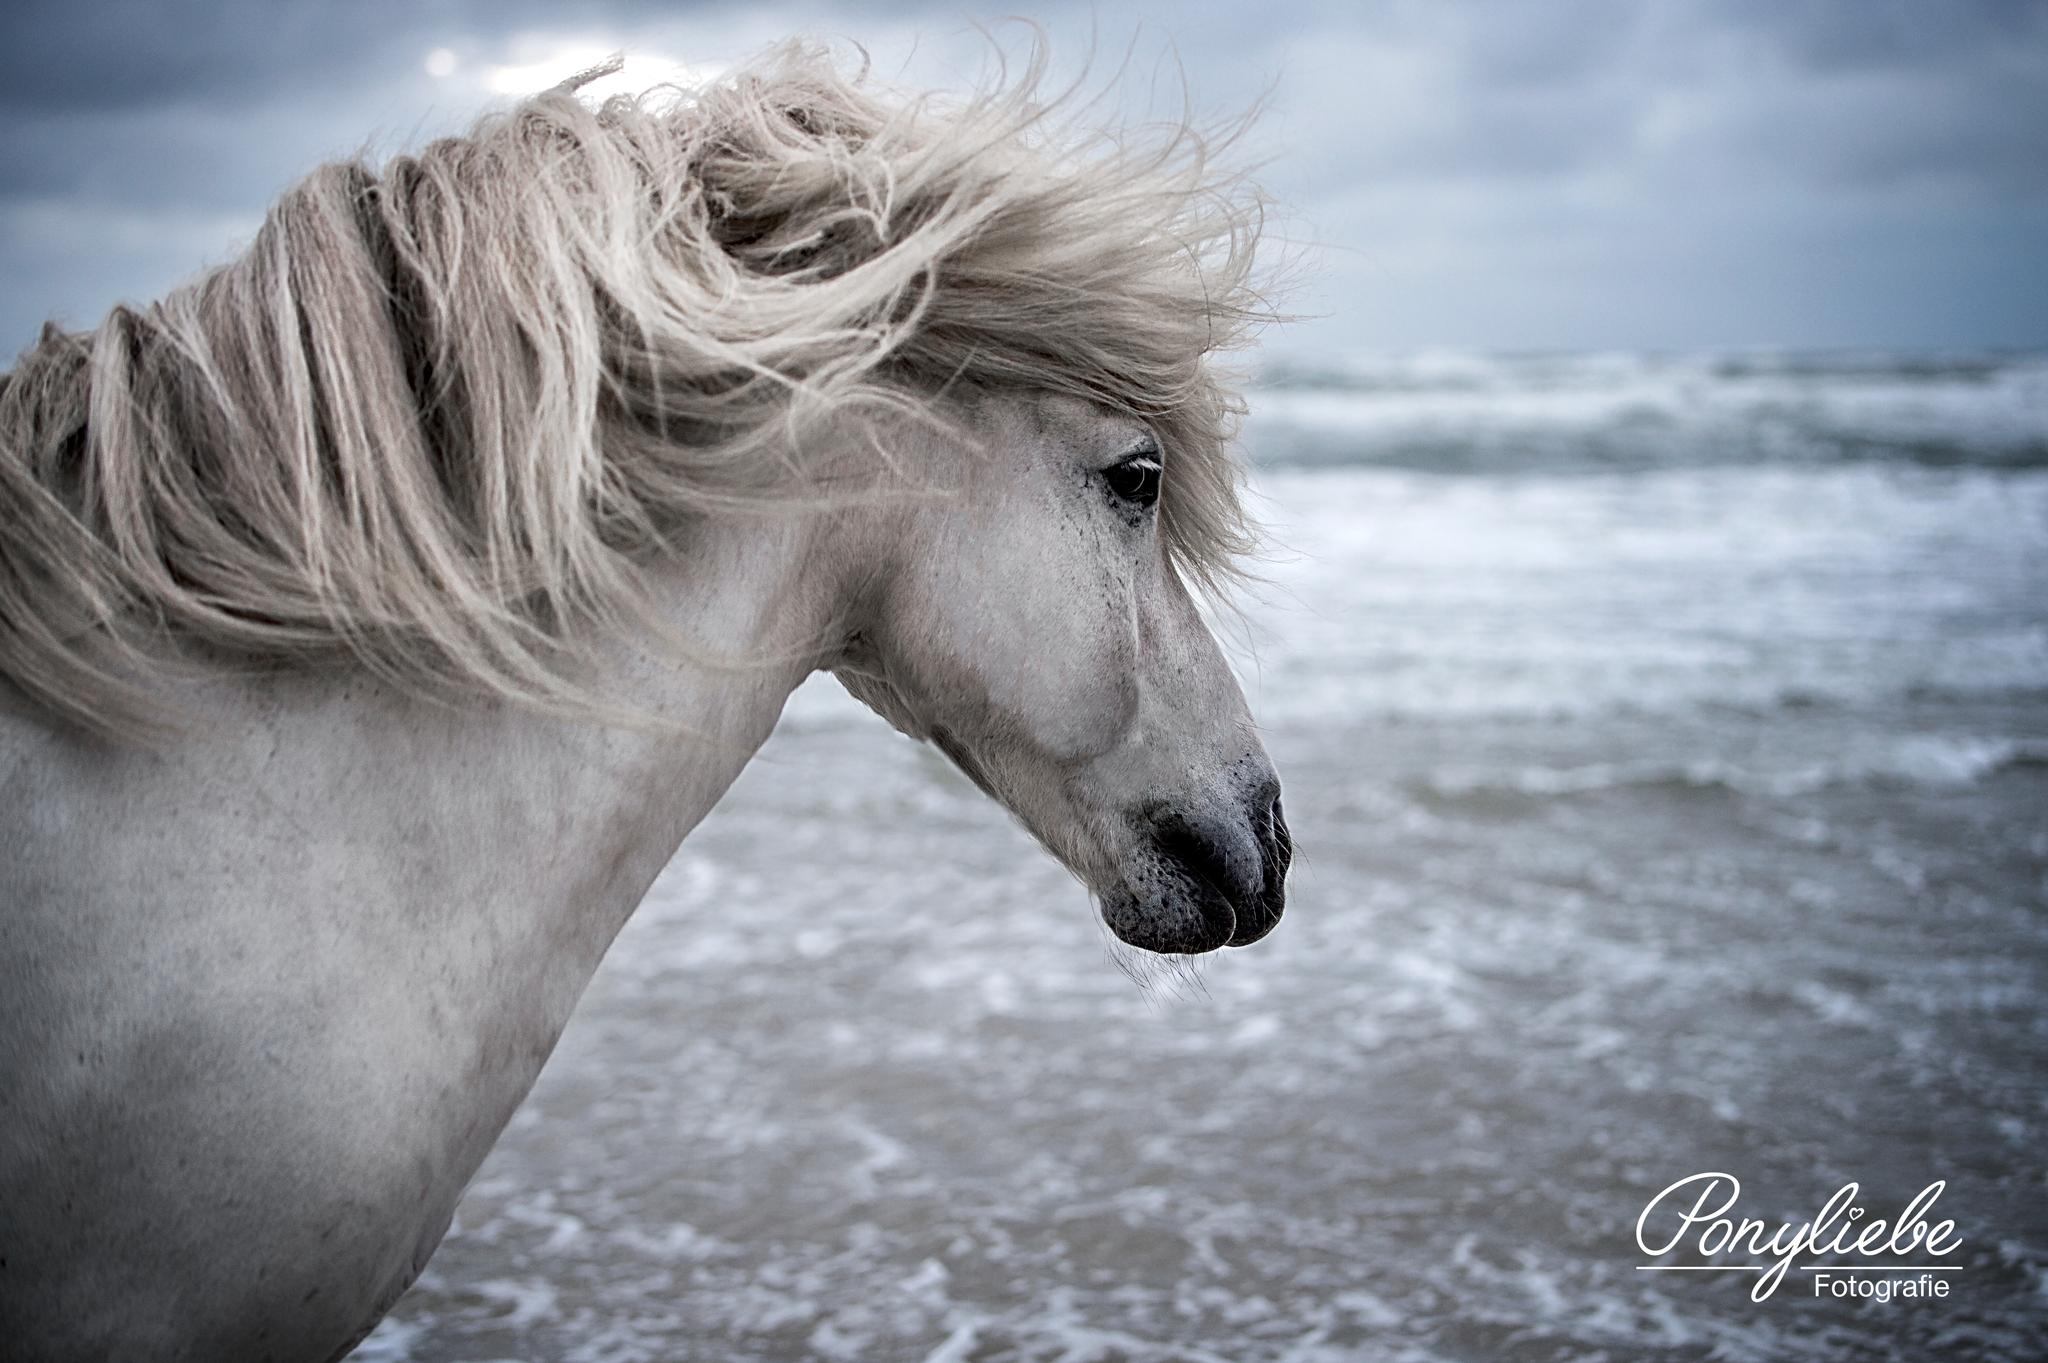 Portfolio Ponyliebe Fotografie Pferde Fotografie Pferdefotografie Camargue Pferd